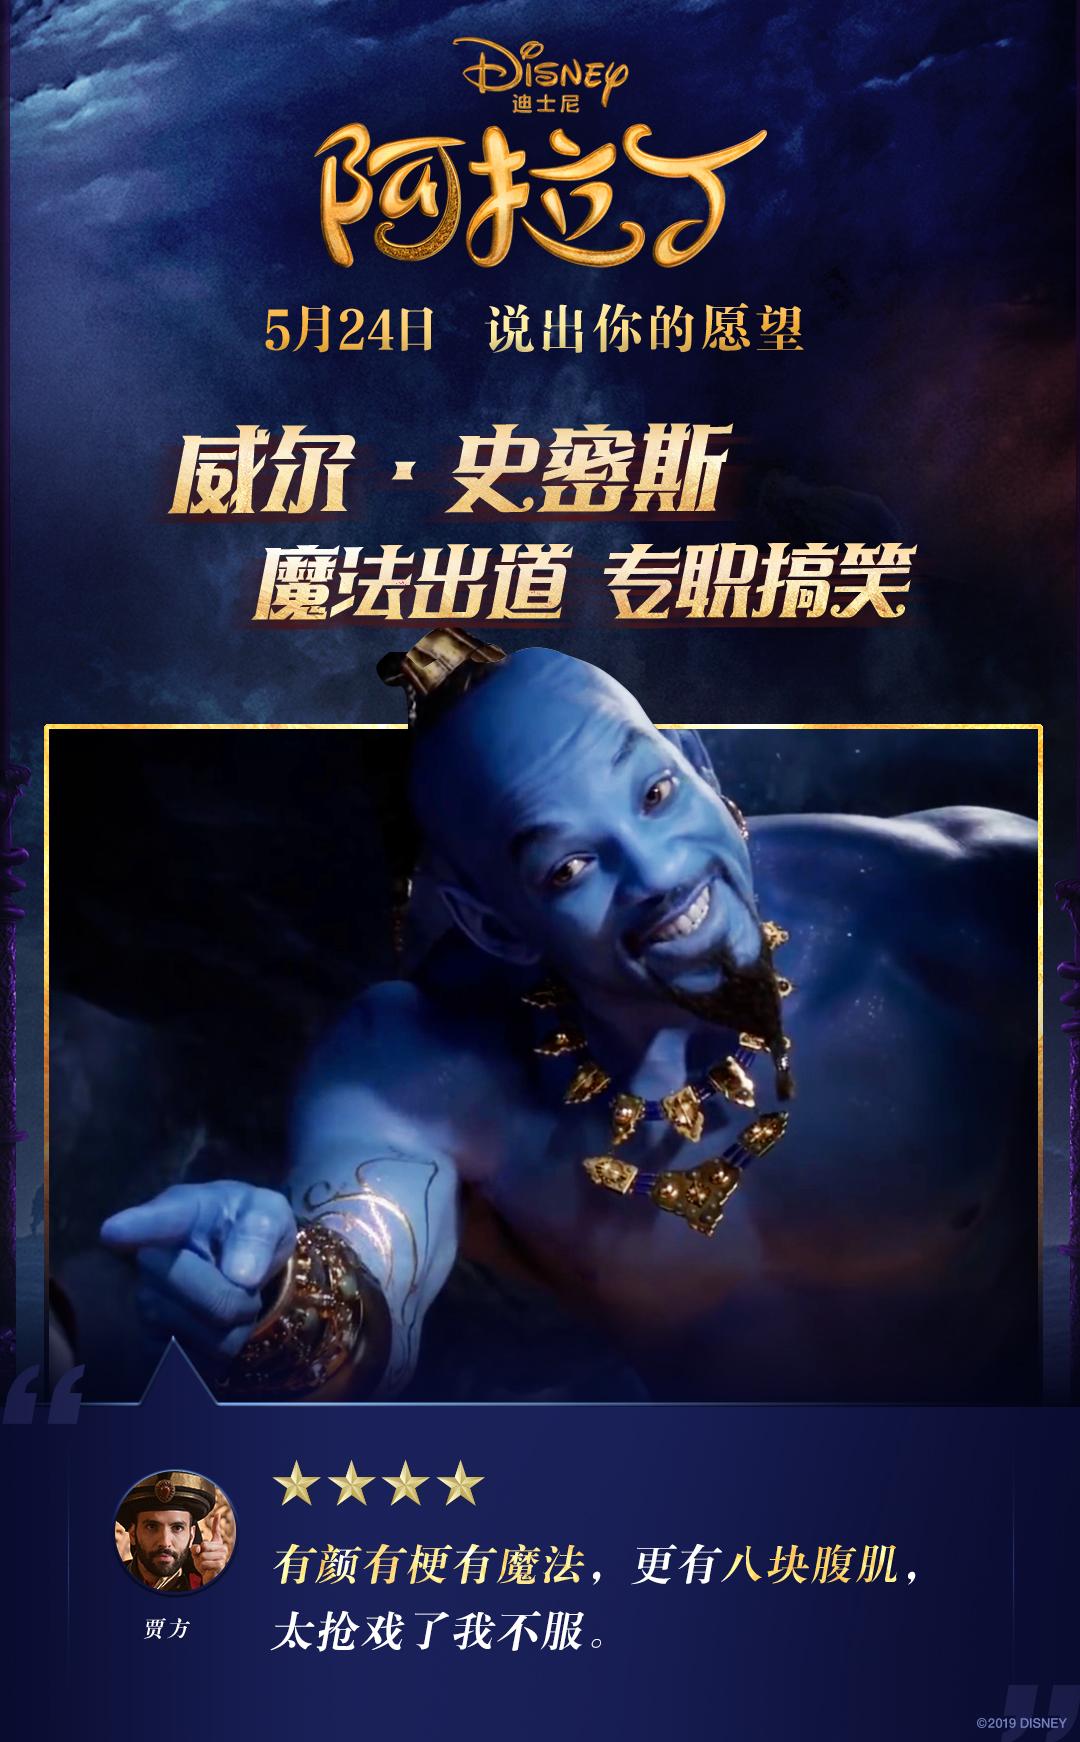 头晕神教的神秘人_阿某山洞偶遇神秘蓝人一夜暴富,神秘蓝人:这个周末我都在